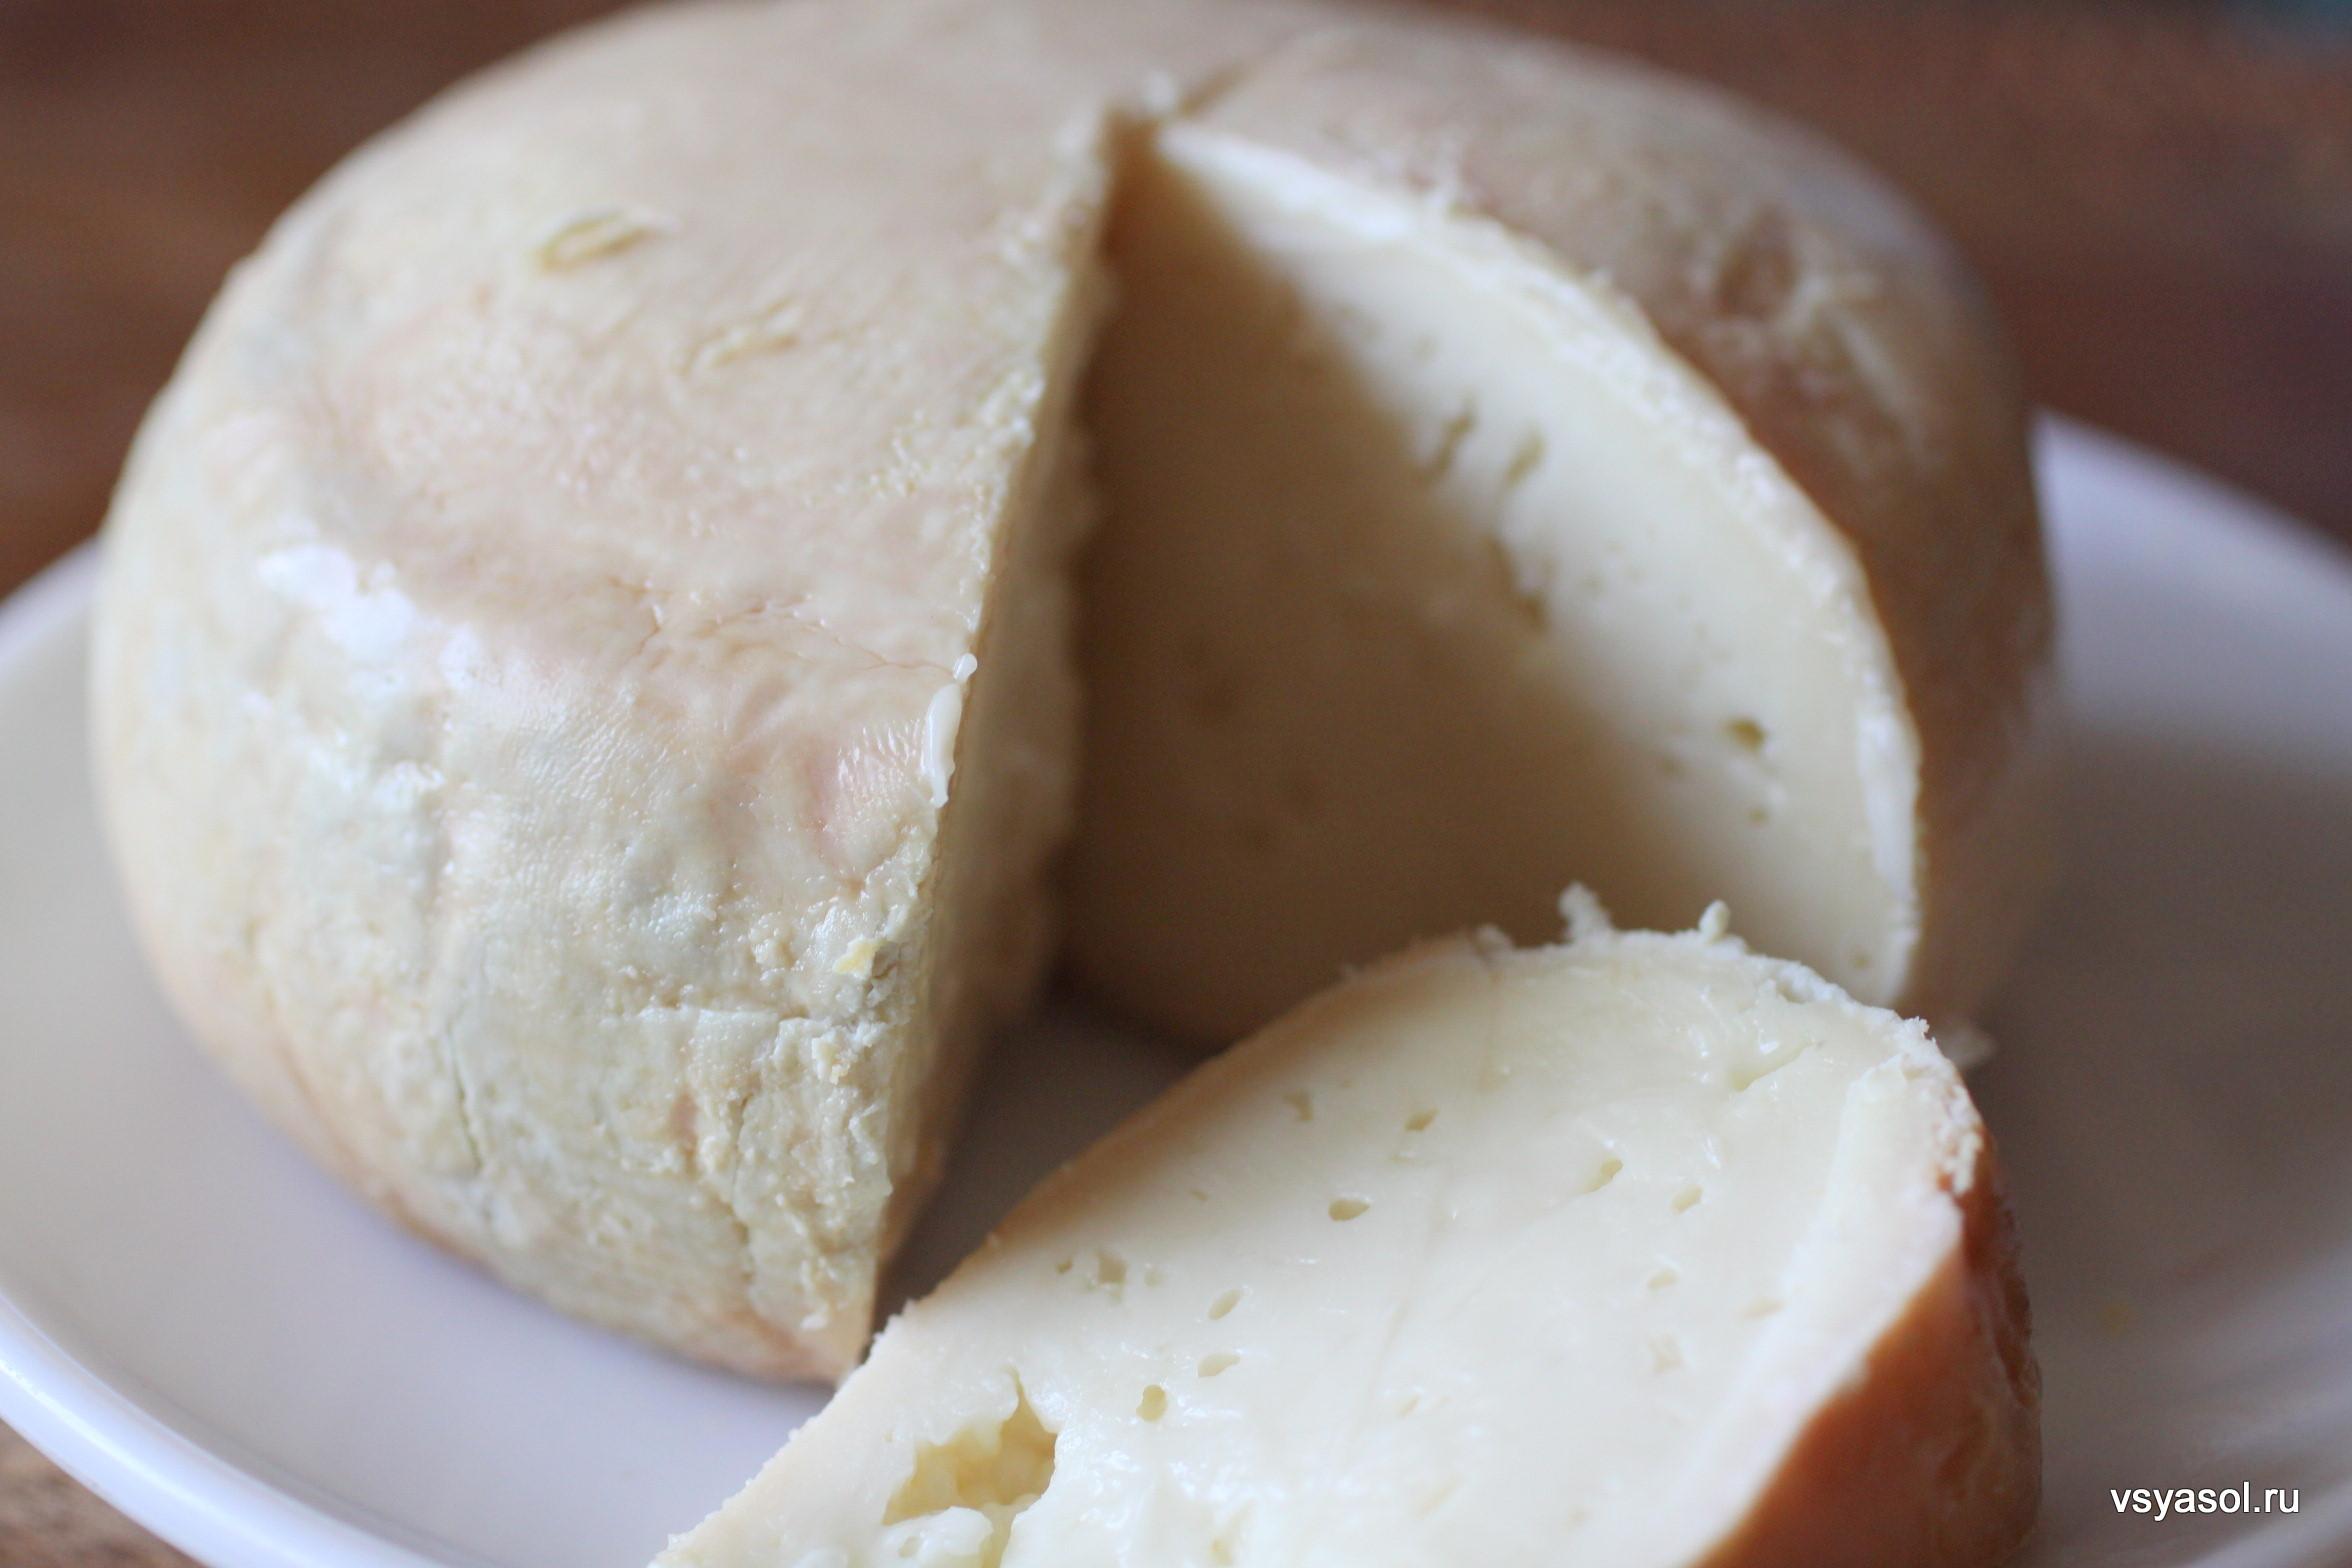 Как сделать армянский домашний сыр из